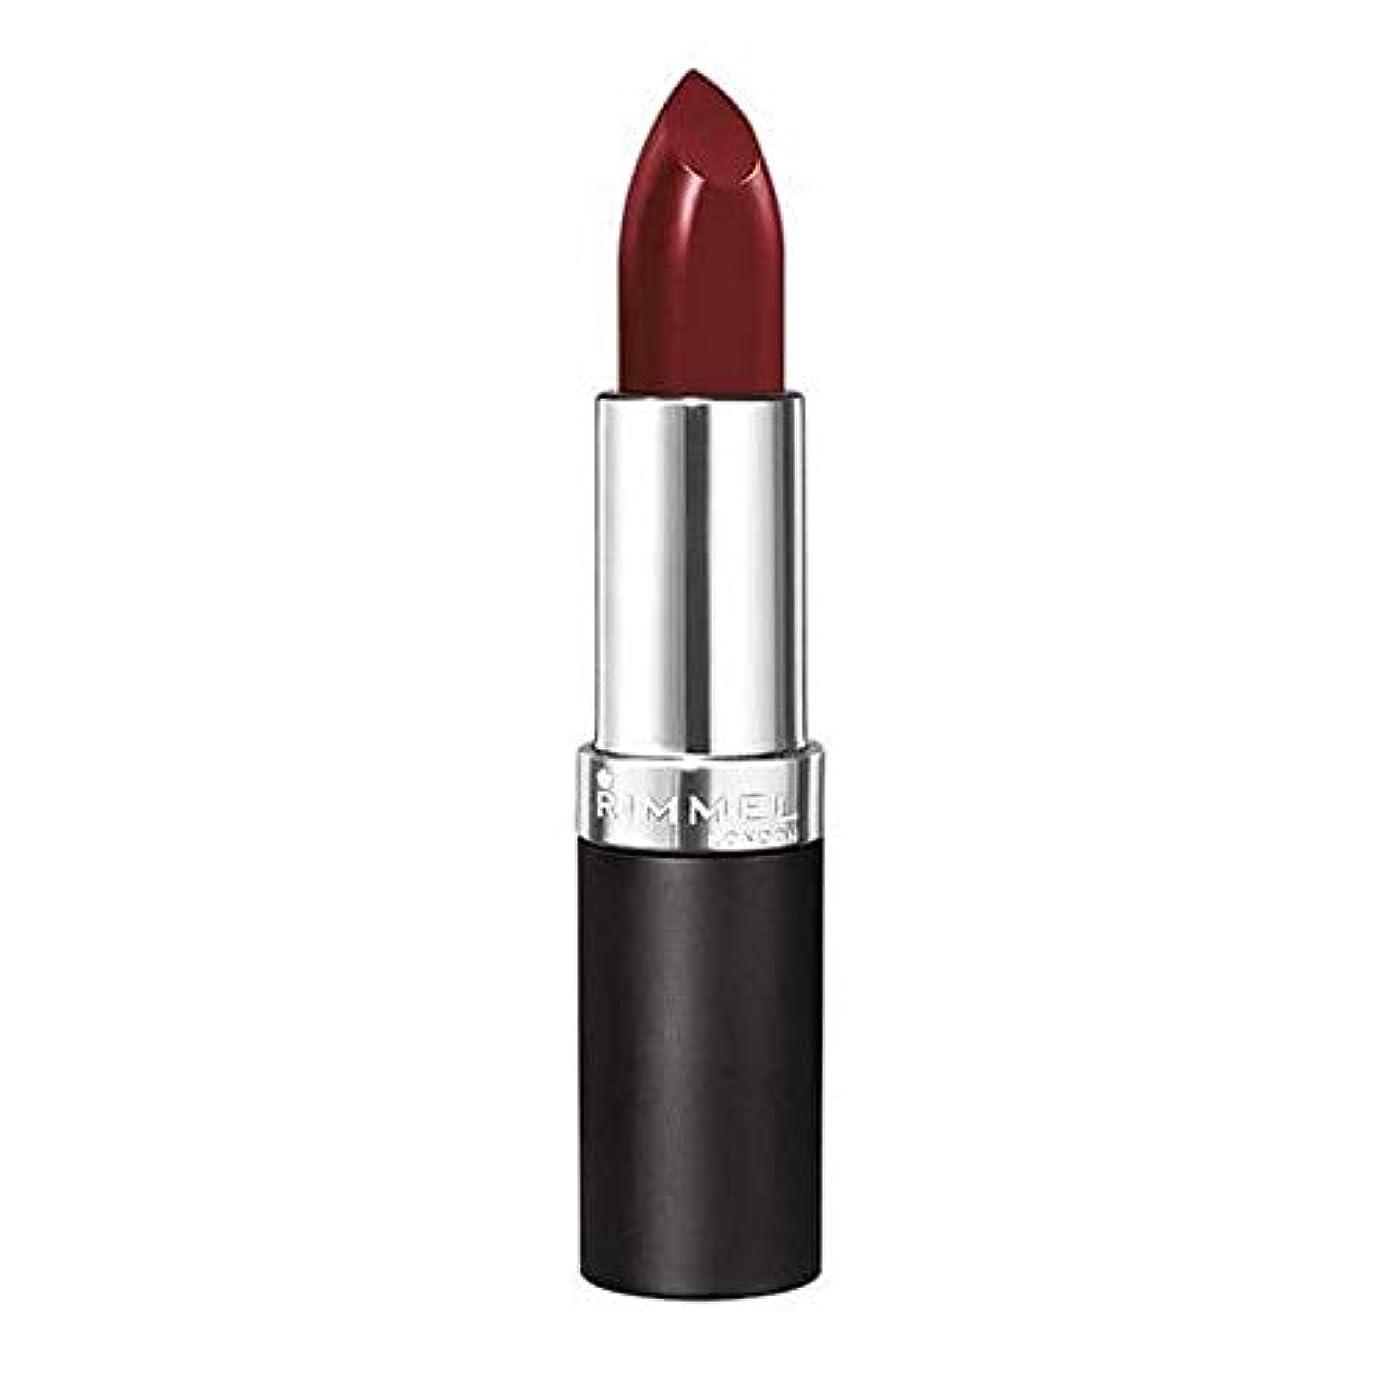 オーバーラン呼びかける国民投票[Rimmel ] リンメル持続的な仕上げ口紅赤-Y - Rimmel Lasting Finish Lipstick Red-Y [並行輸入品]